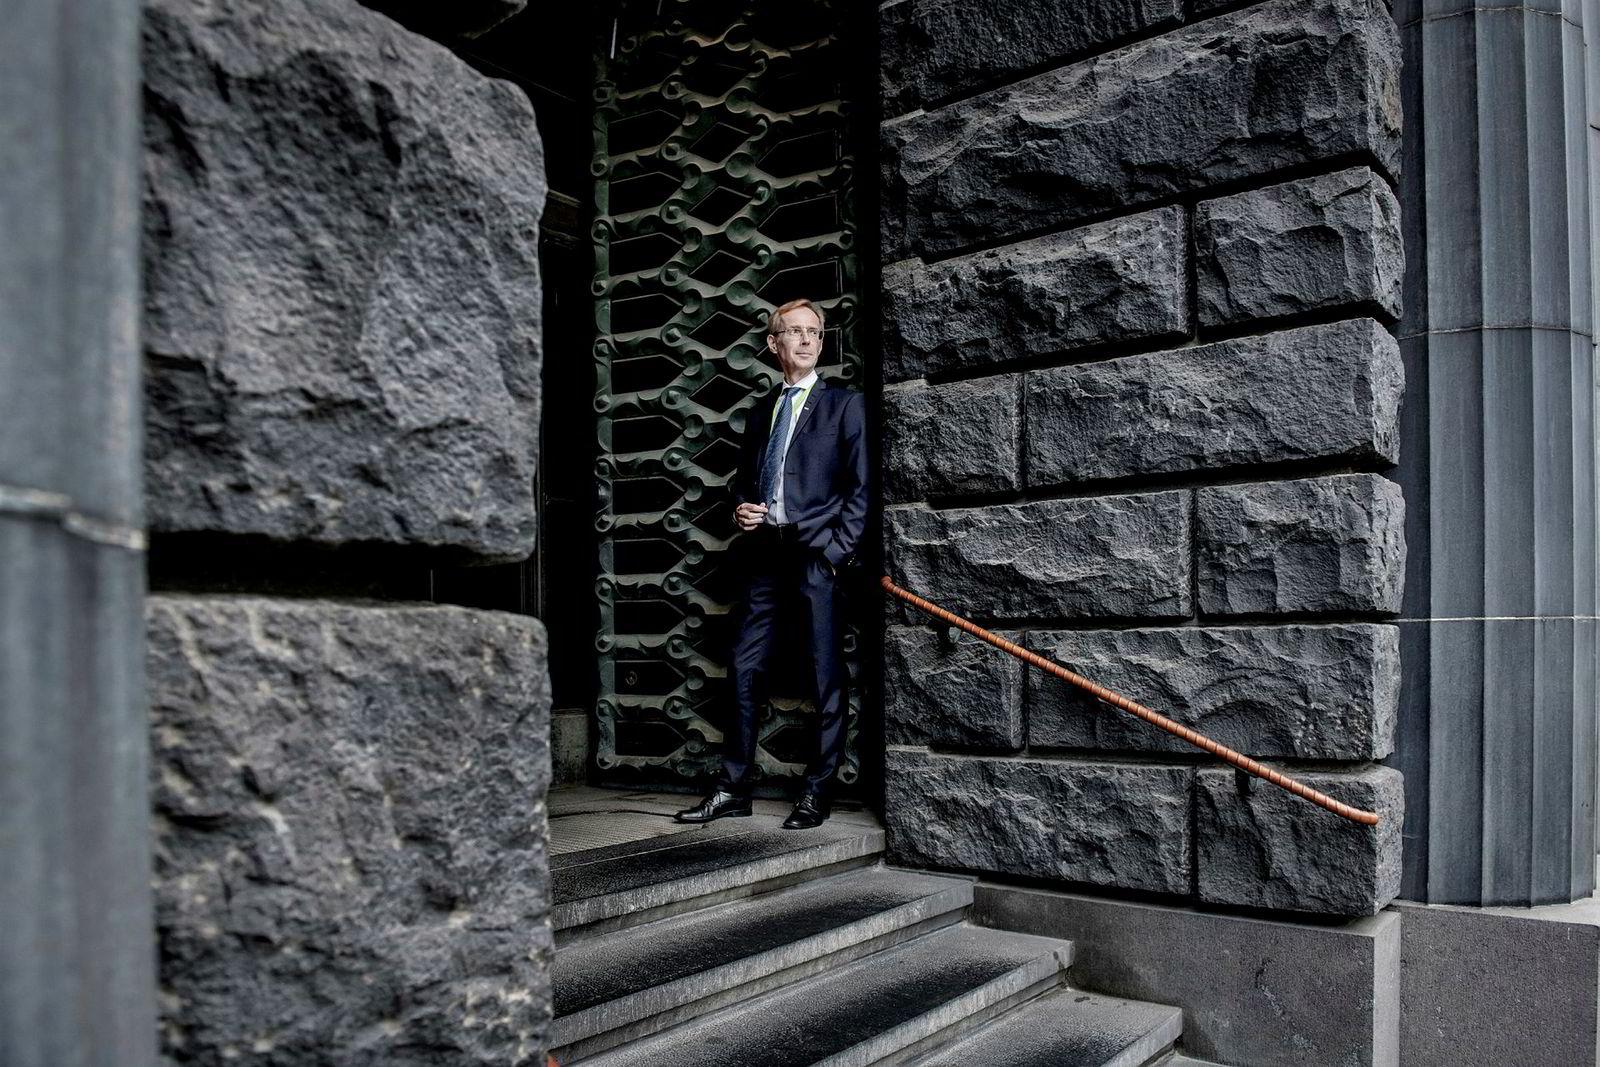 Sjeføkonom i SEB, Robert Bergqvist, håper blokkene klarer å samarbeide på tvers av grensene.